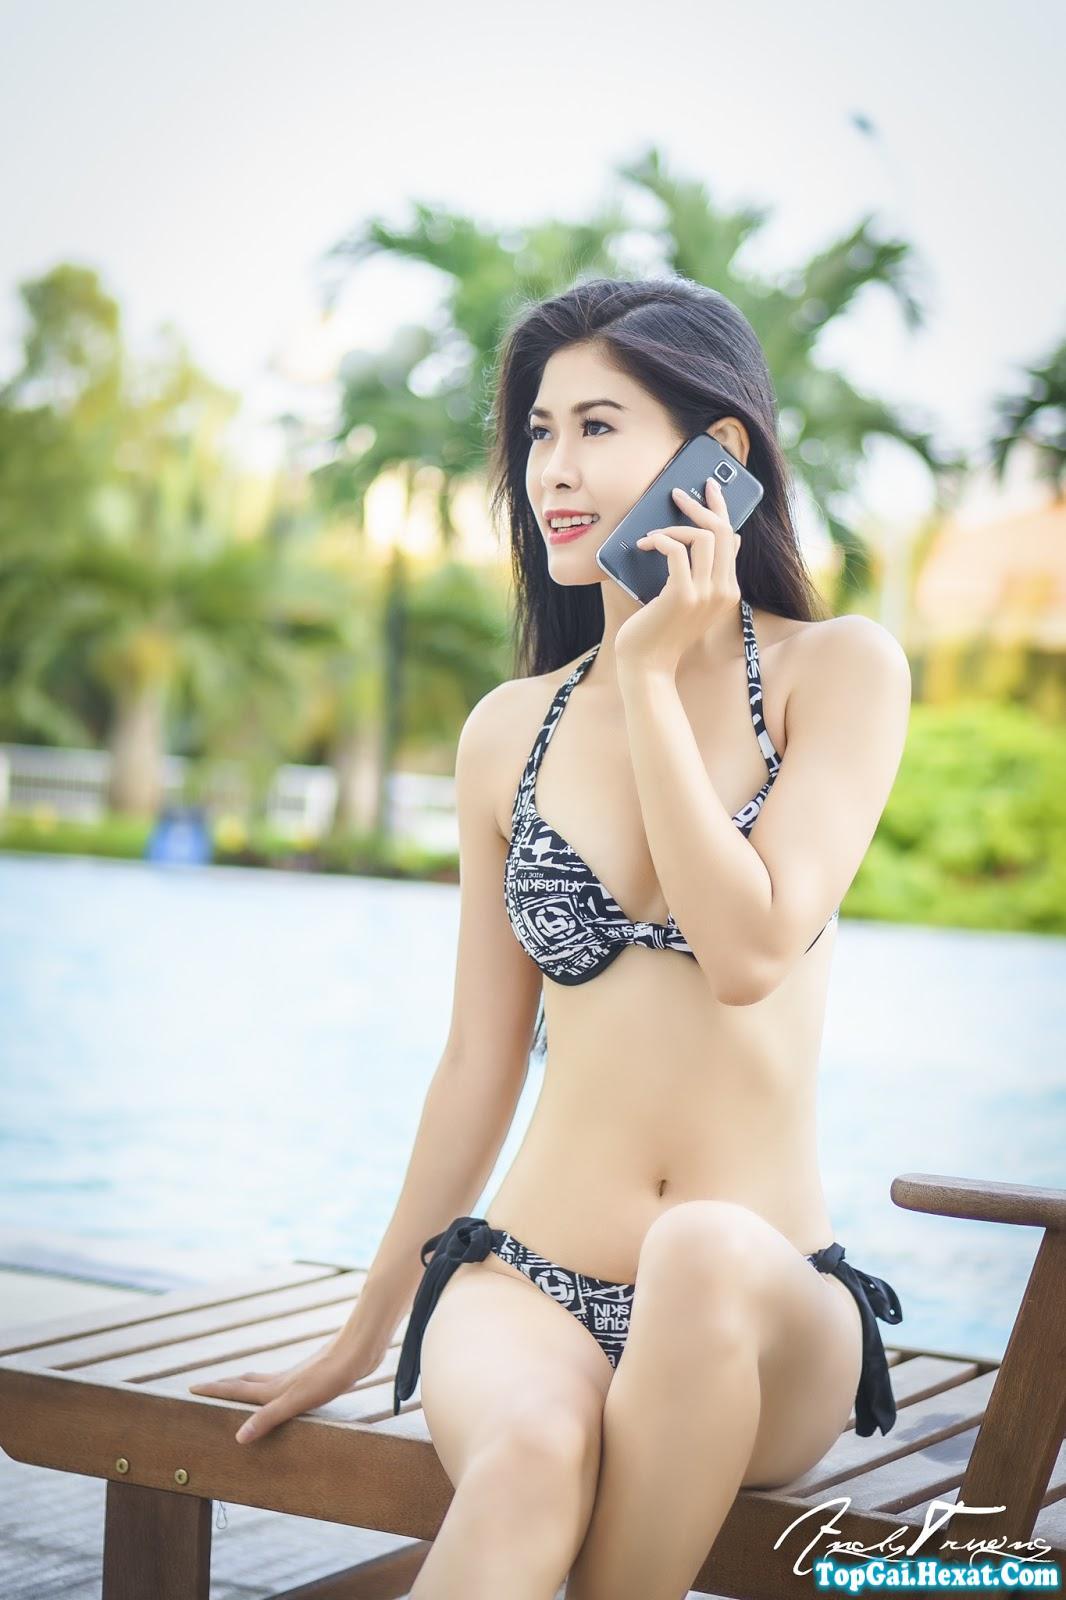 Ảnh bikini hồ bơi của em gái trắng xinh